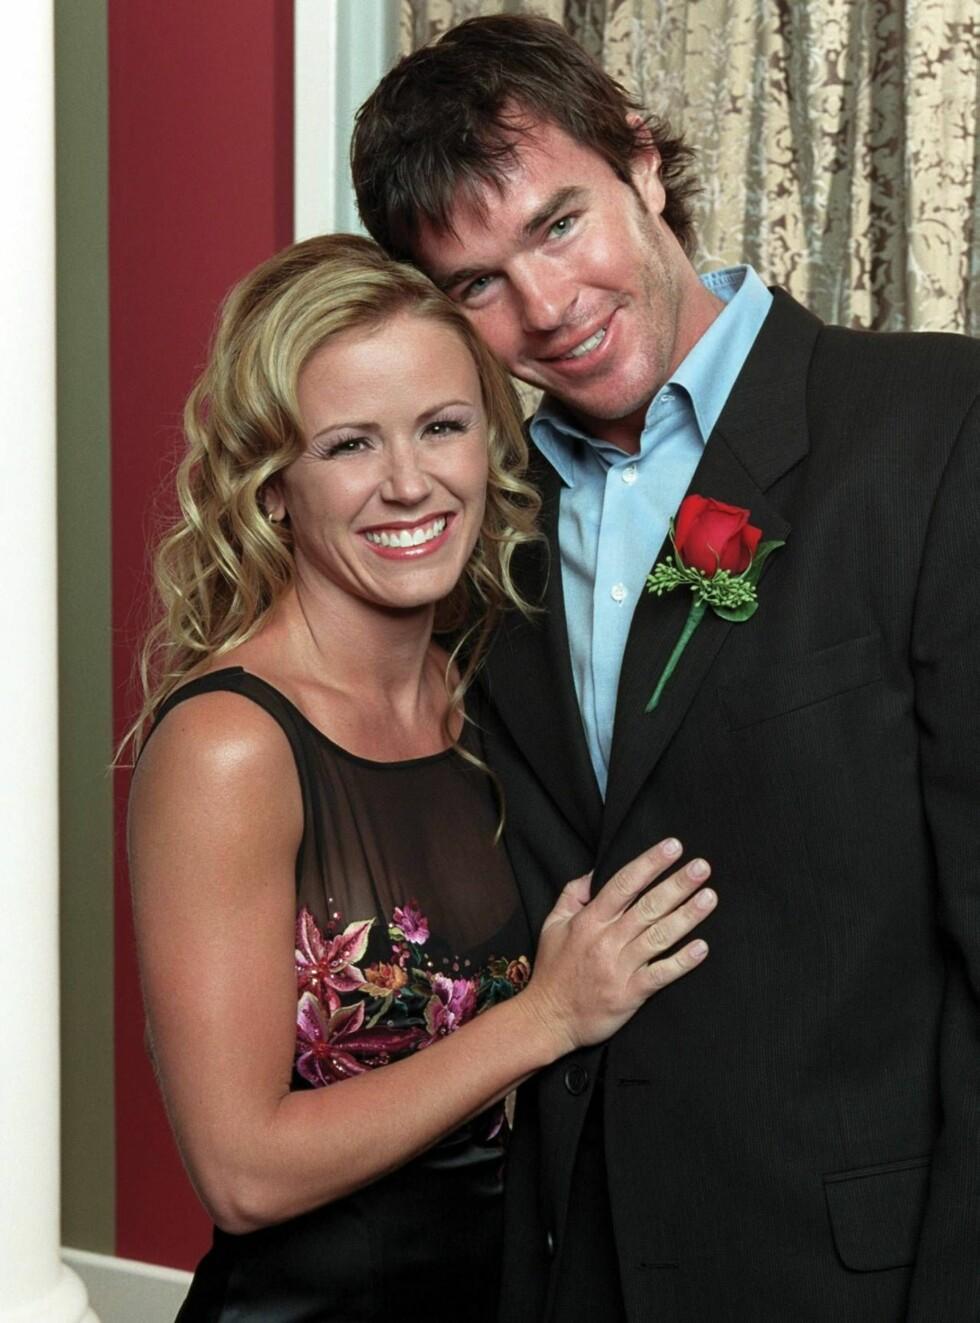 FORELSKET: Trista og Ryan møttes i den amerikanske versjonen av Ungkarskvinnen på TVNorge. Nå kommer barnet. Foto: TVNorge